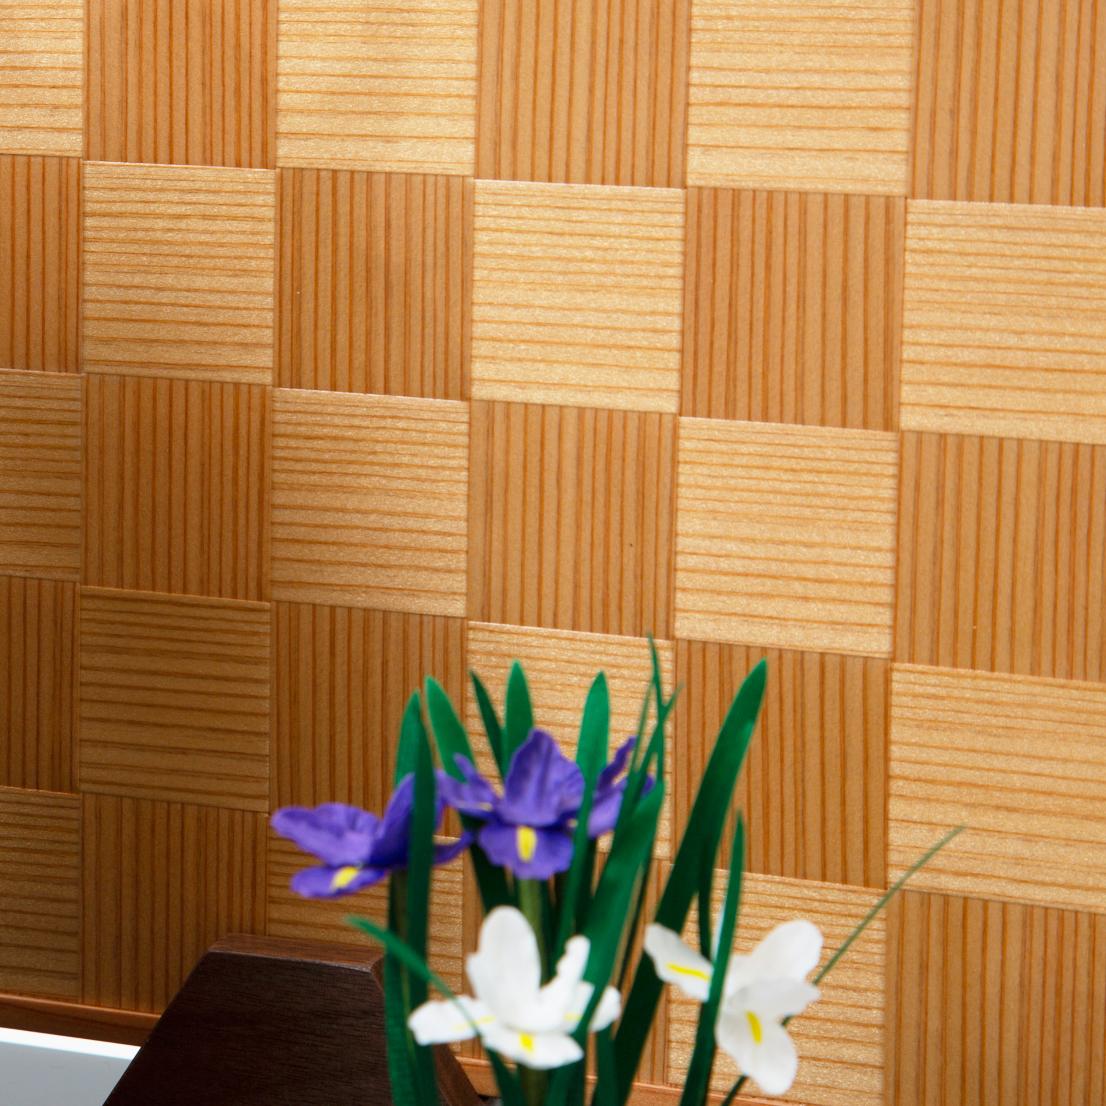 4. 屏風:鹿沼寄木細工6つの日本伝統工芸をコンパクトにした、木目込の「プレミアム兜飾り」| 宝輝 | 柿沼人形